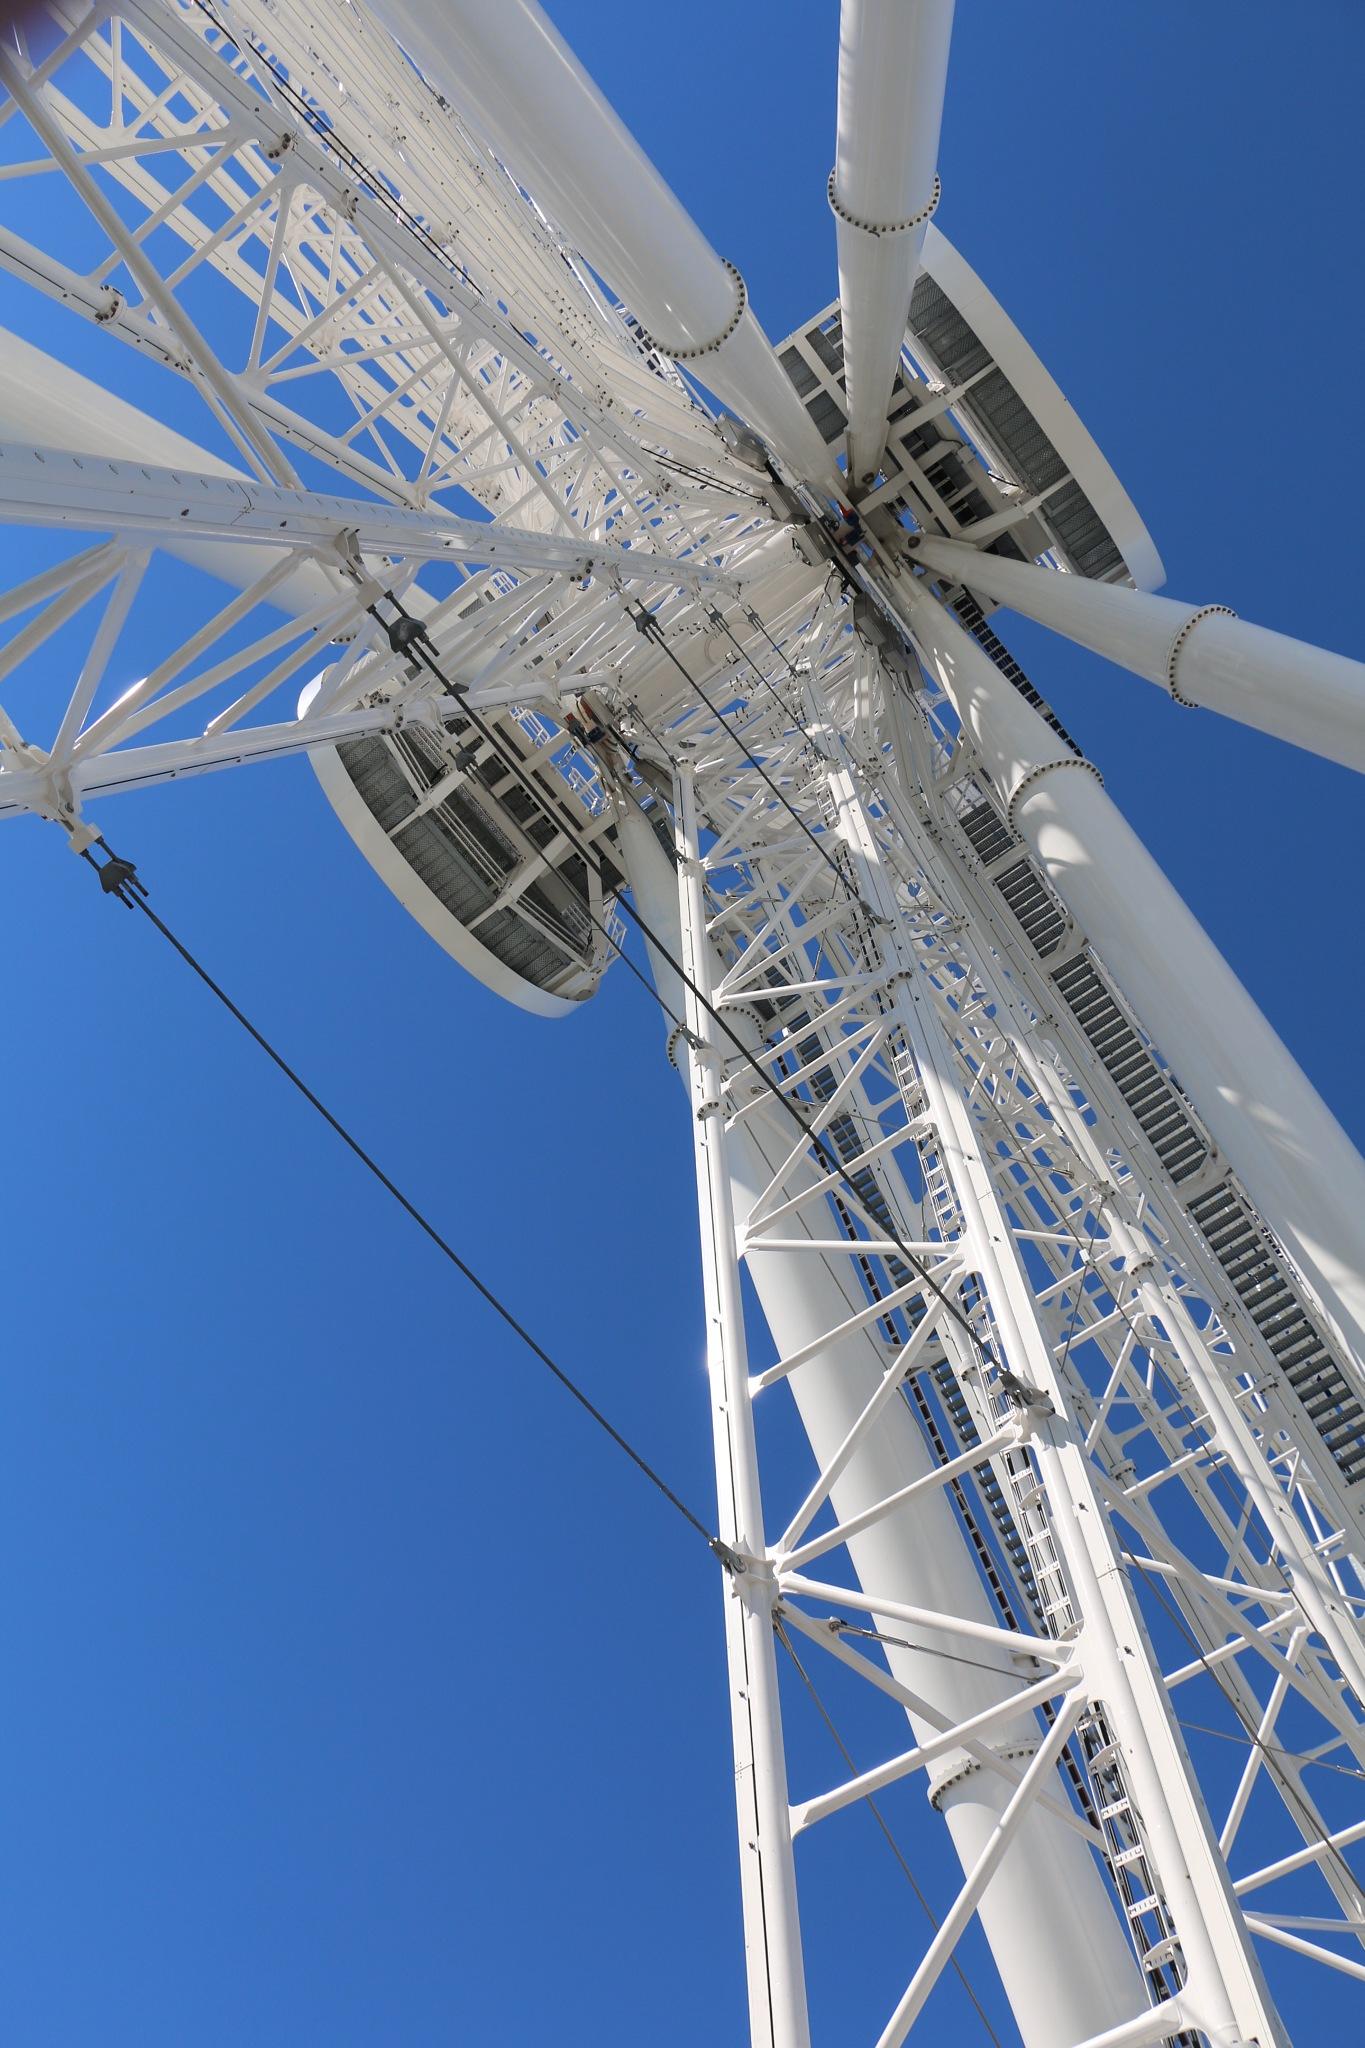 Centennial Wheel by Jon Radtke